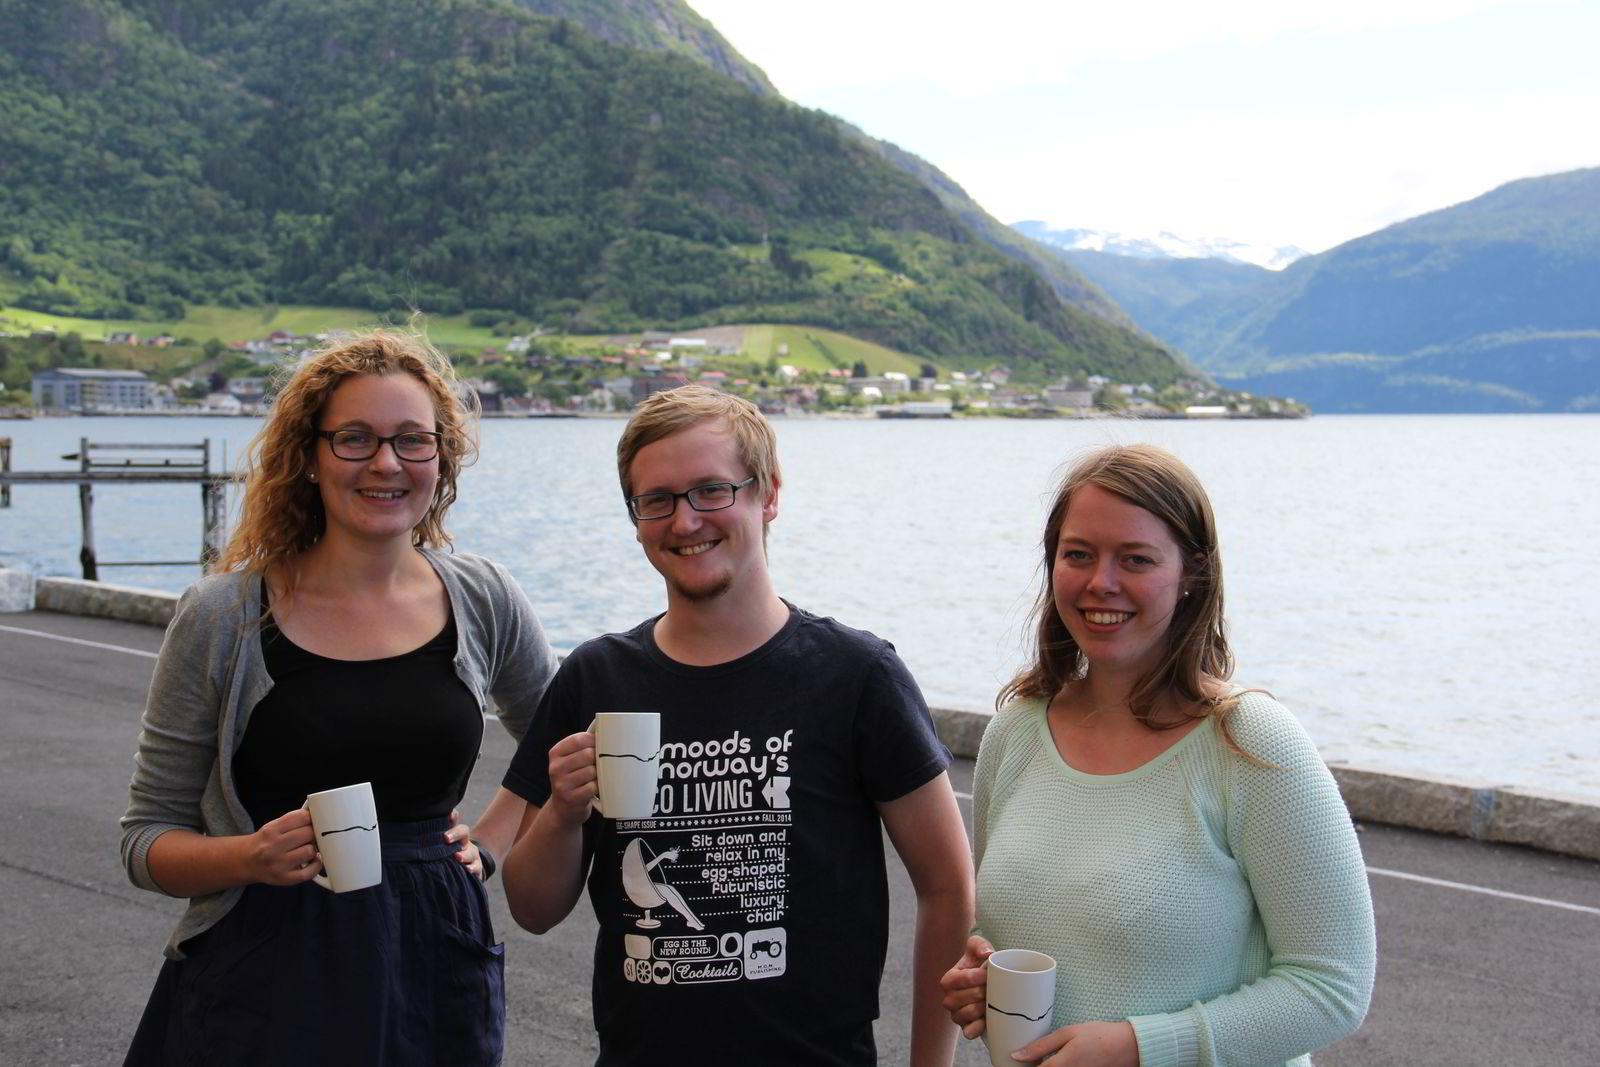 Fra venstre: Ingrid Watnedal Myrann, Stian Hegerland Hagen og Kathrine Steffensen.